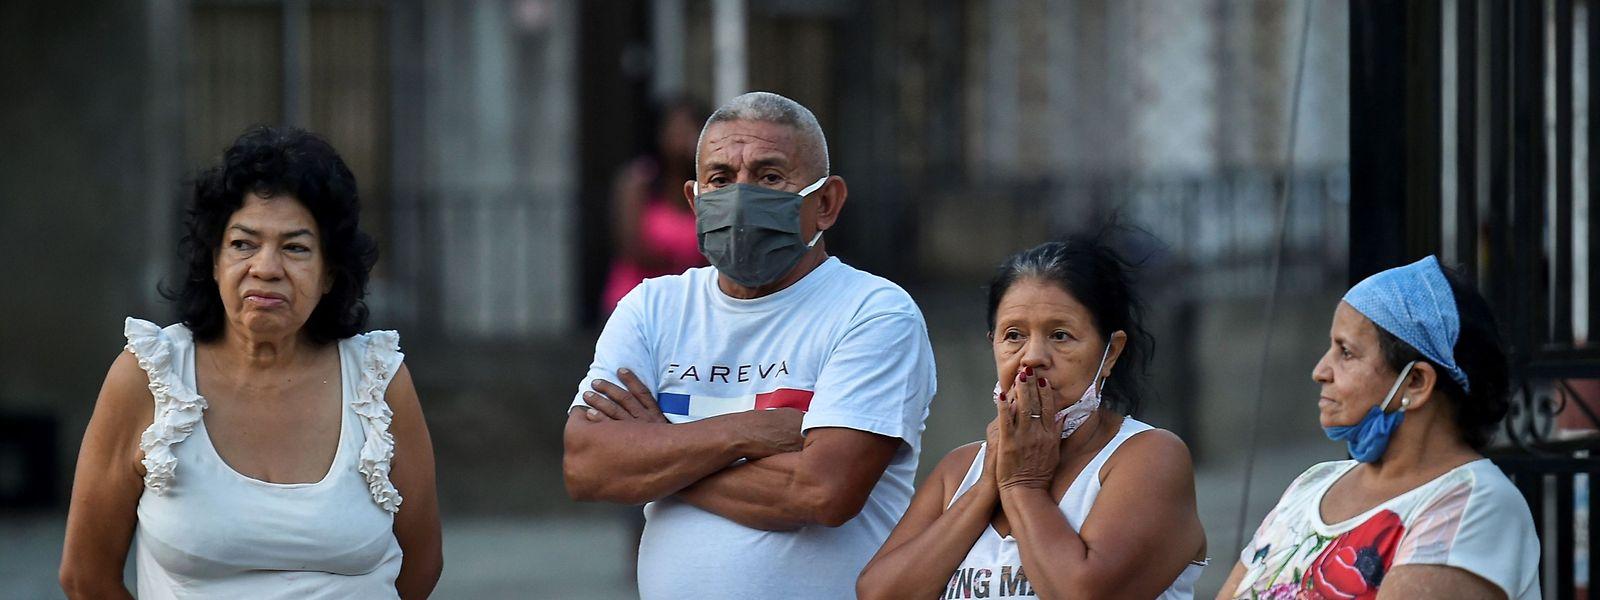 Une augmentation des contaminations est constatée au Mexique, au Pérou, en Colombie et en Argentine, des pays qui tentent de relancer leur activité économique.